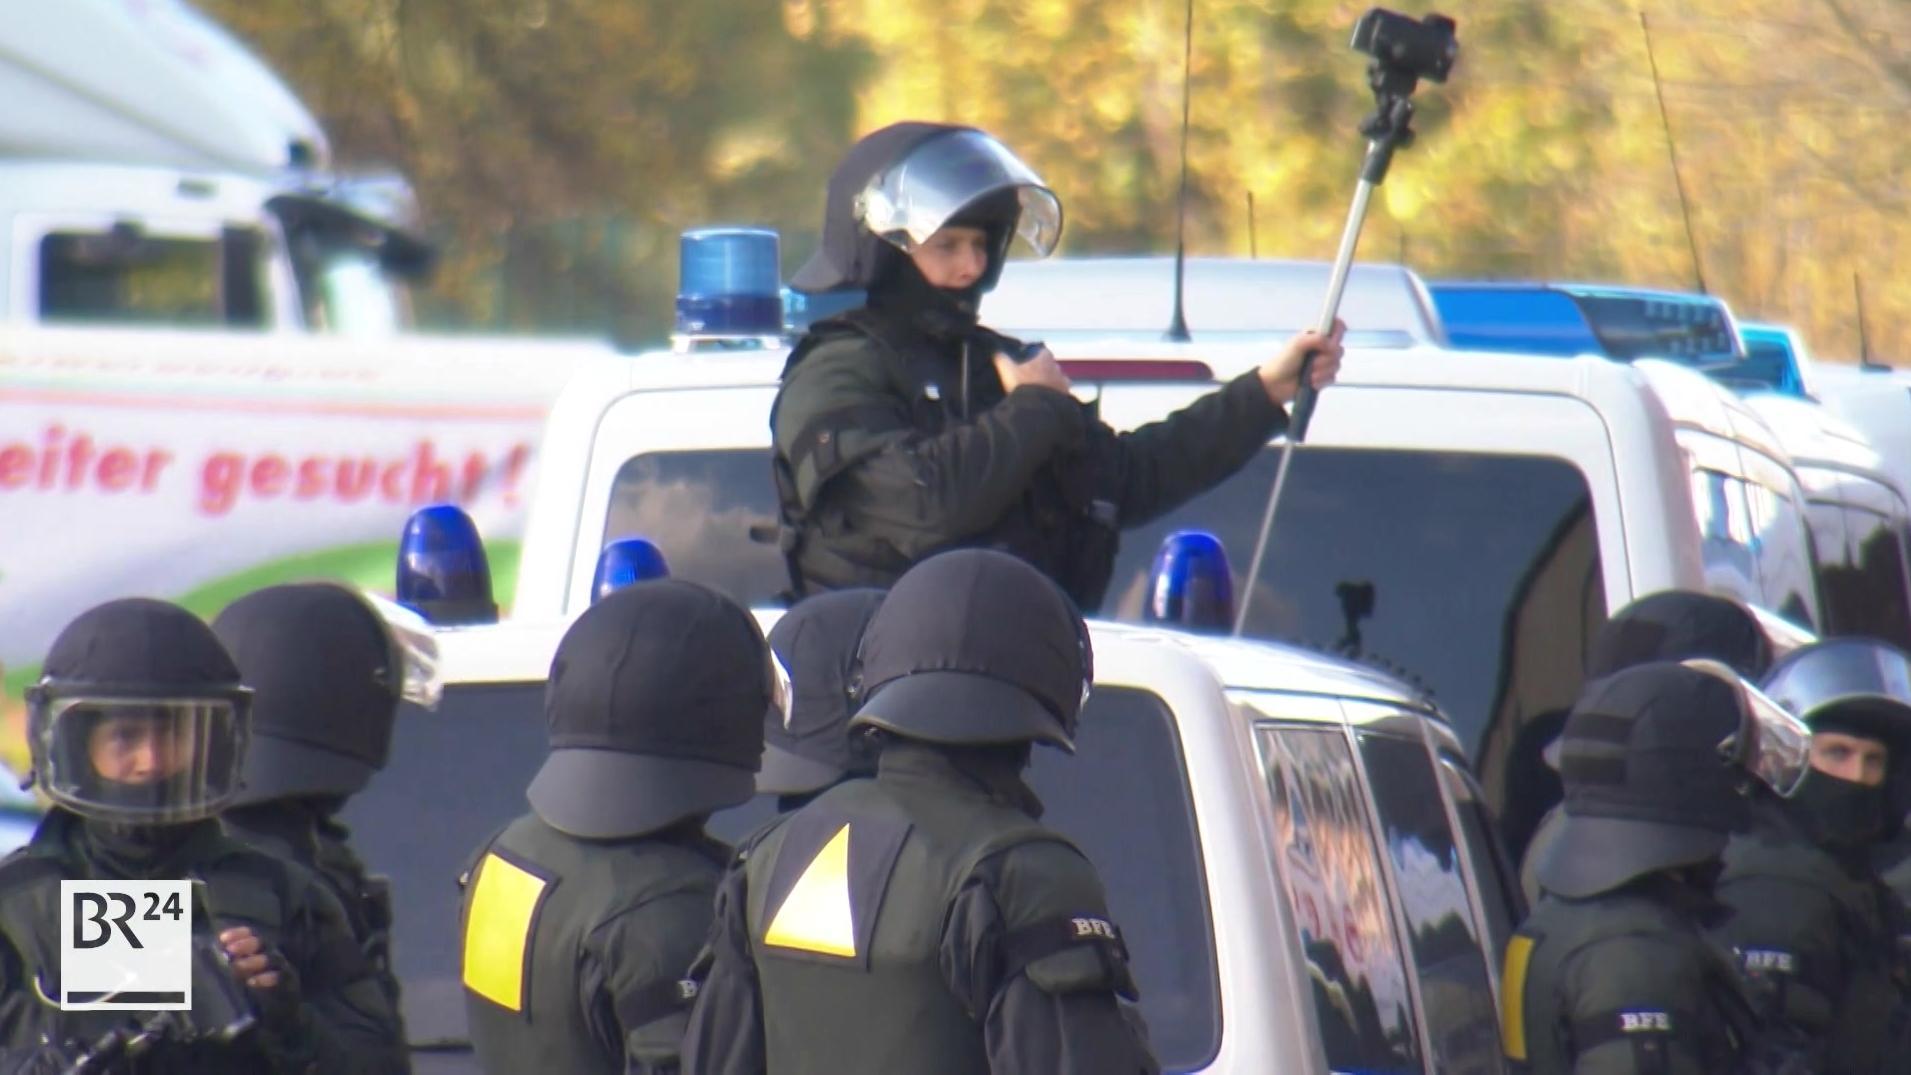 Polizisten mit Helmen und Körperpanzern